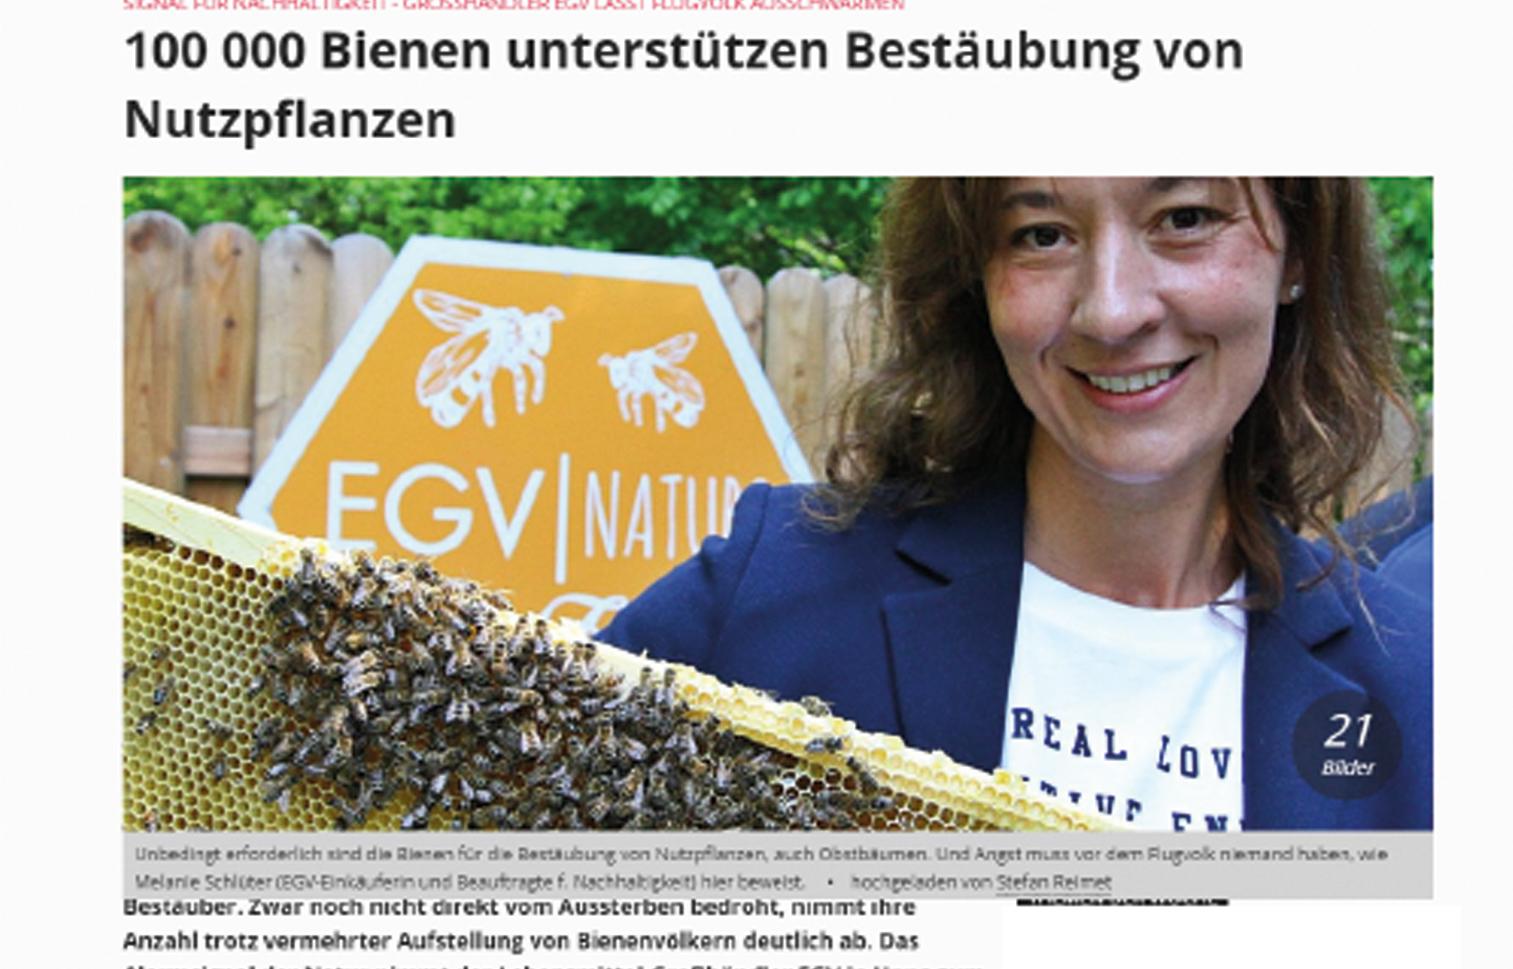 Presseartikel: 100.000 Bienen unterstützen Bestäubung von Nutzpflanzen